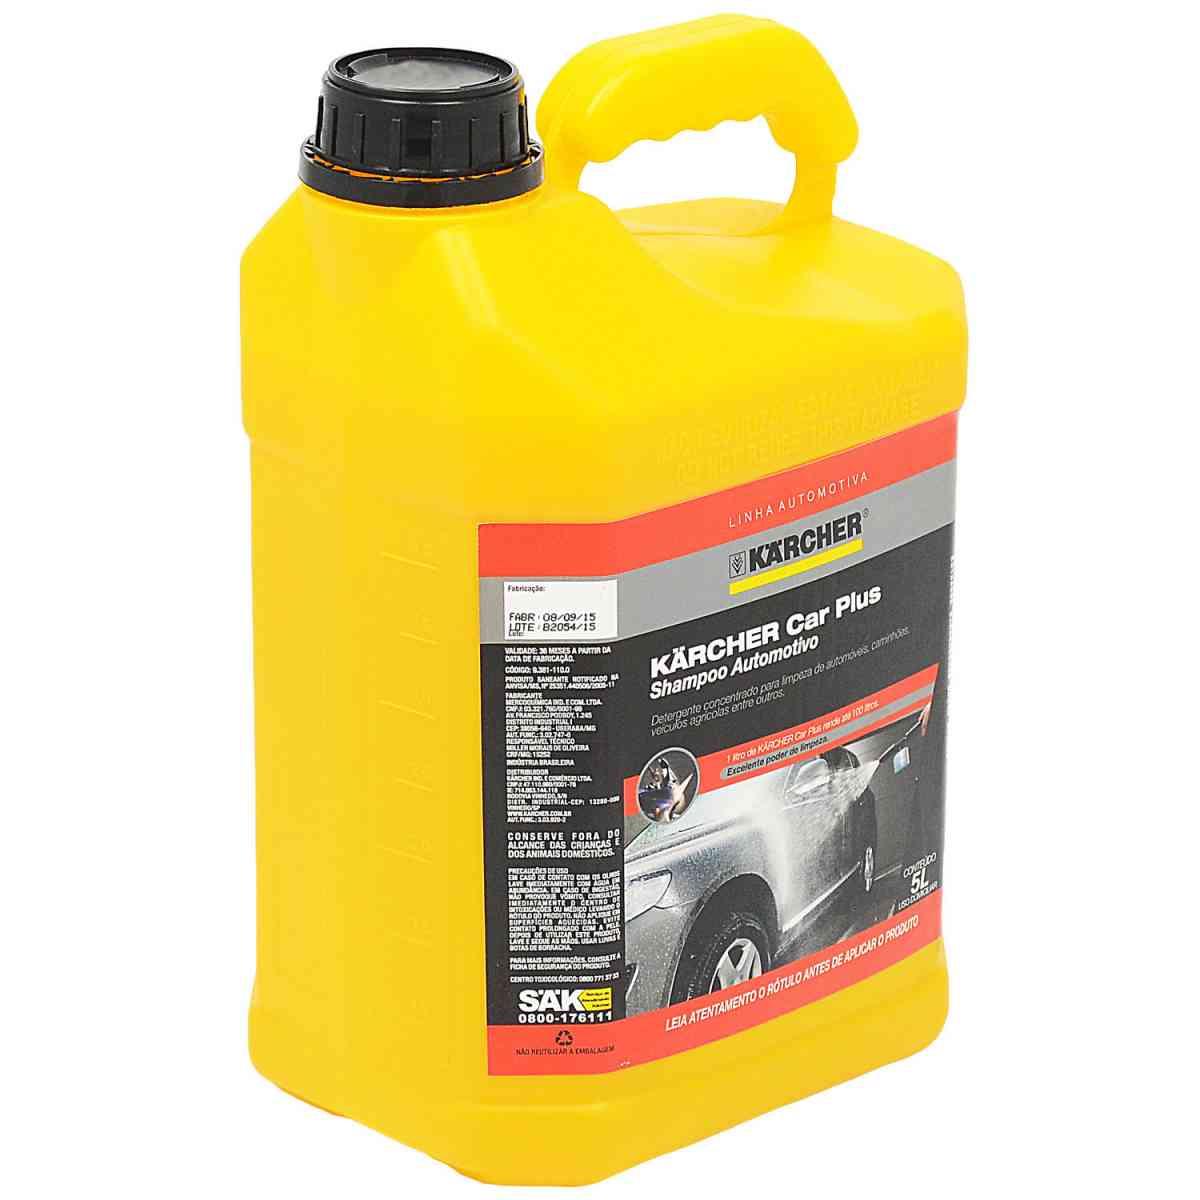 Detergente Automotivo 5 litros Car Plus Karcher